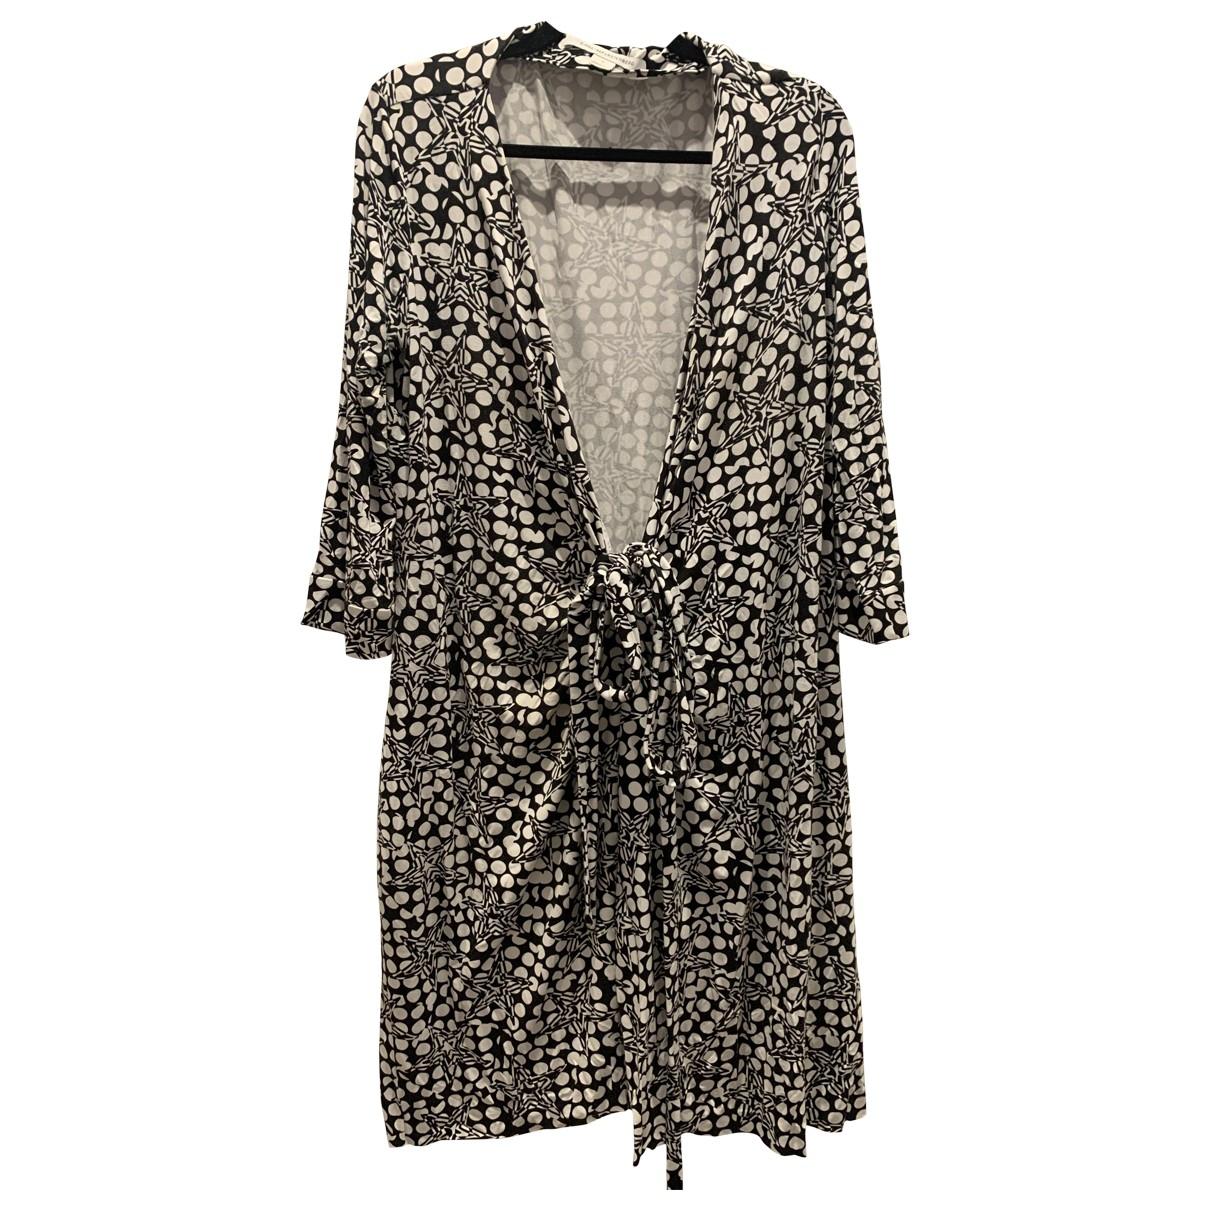 Diane Von Furstenberg \N Black Cotton - elasthane dress for Women 12 US